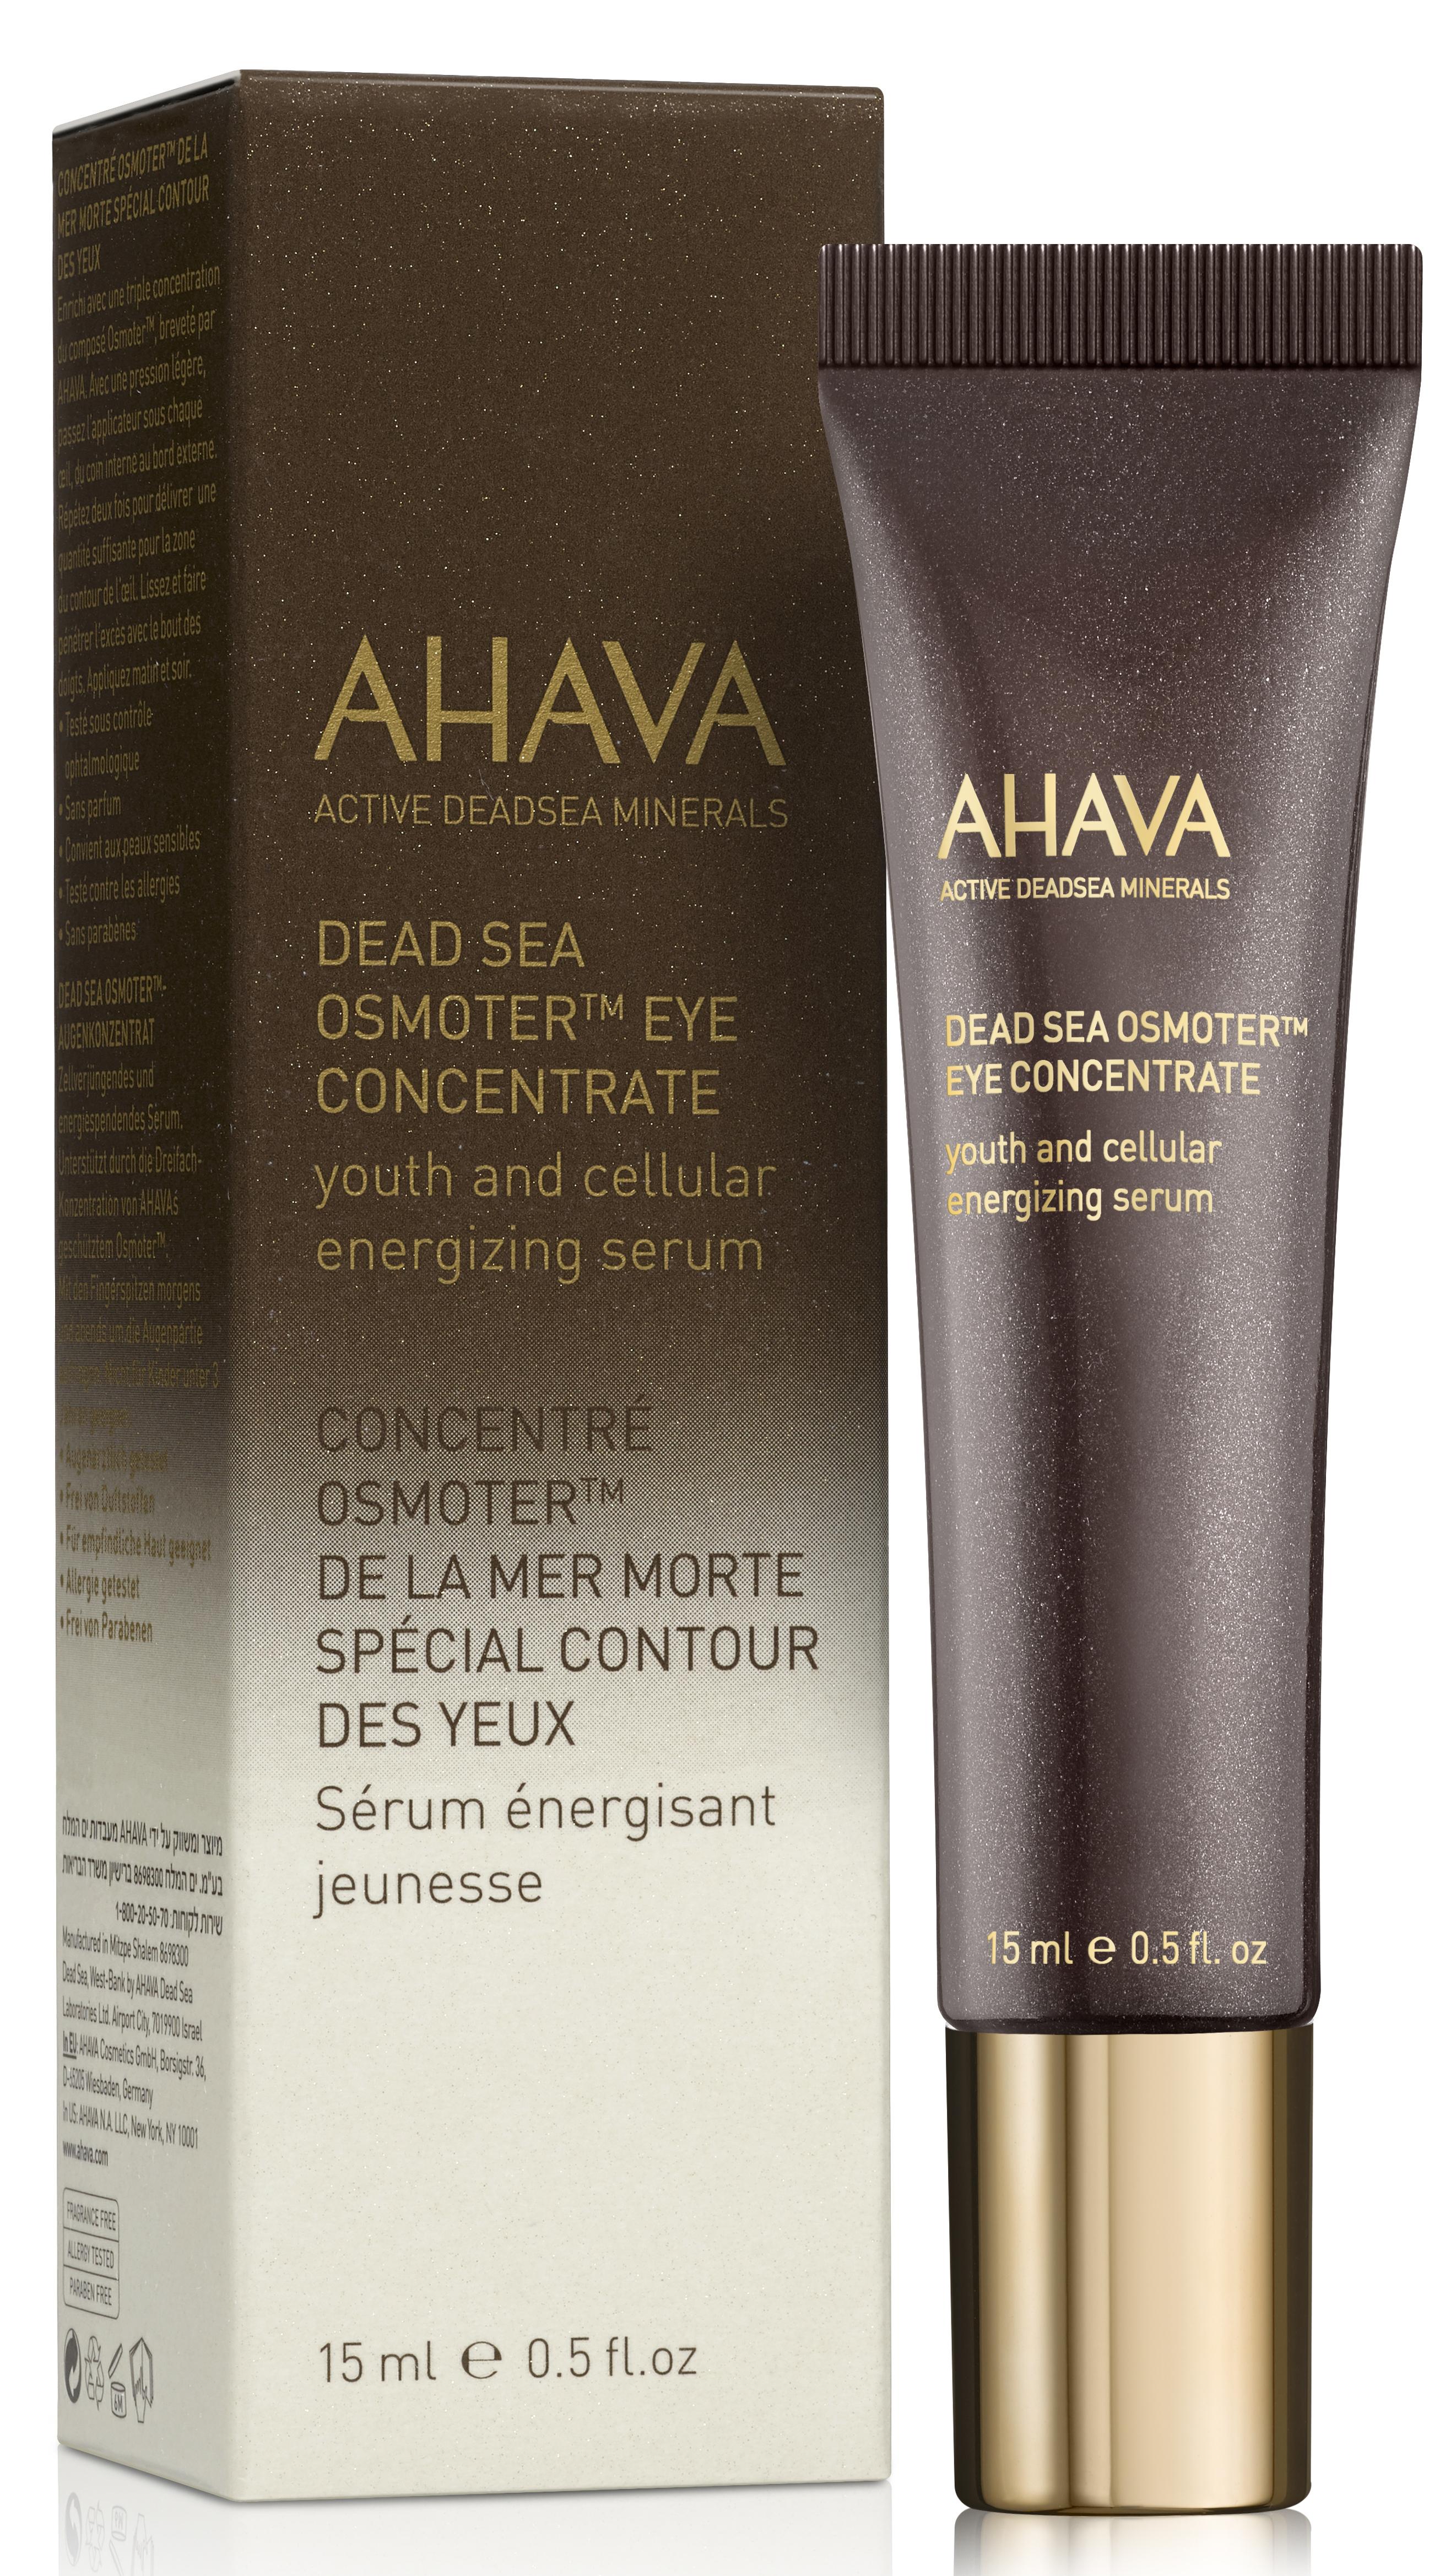 AHAVA Концентрат минералов мертвого моря для глаз / Osmoter Dsoc 15 мл